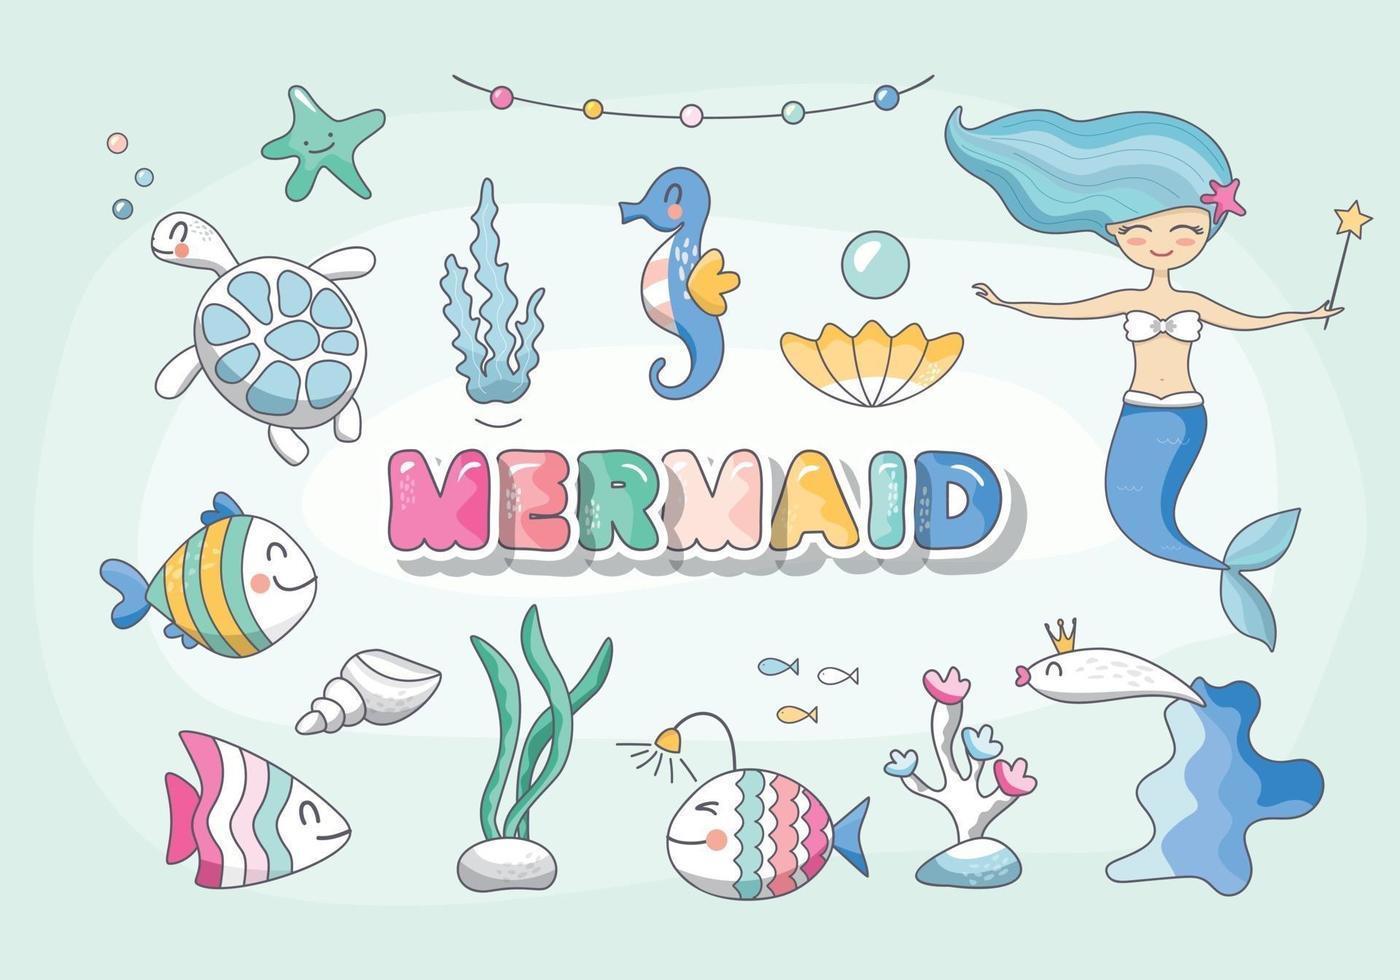 conjunto sereia fofa, personagens do mar e plantas. coleção de aniversário de animais marinhos dos desenhos animados para meninas. vetor